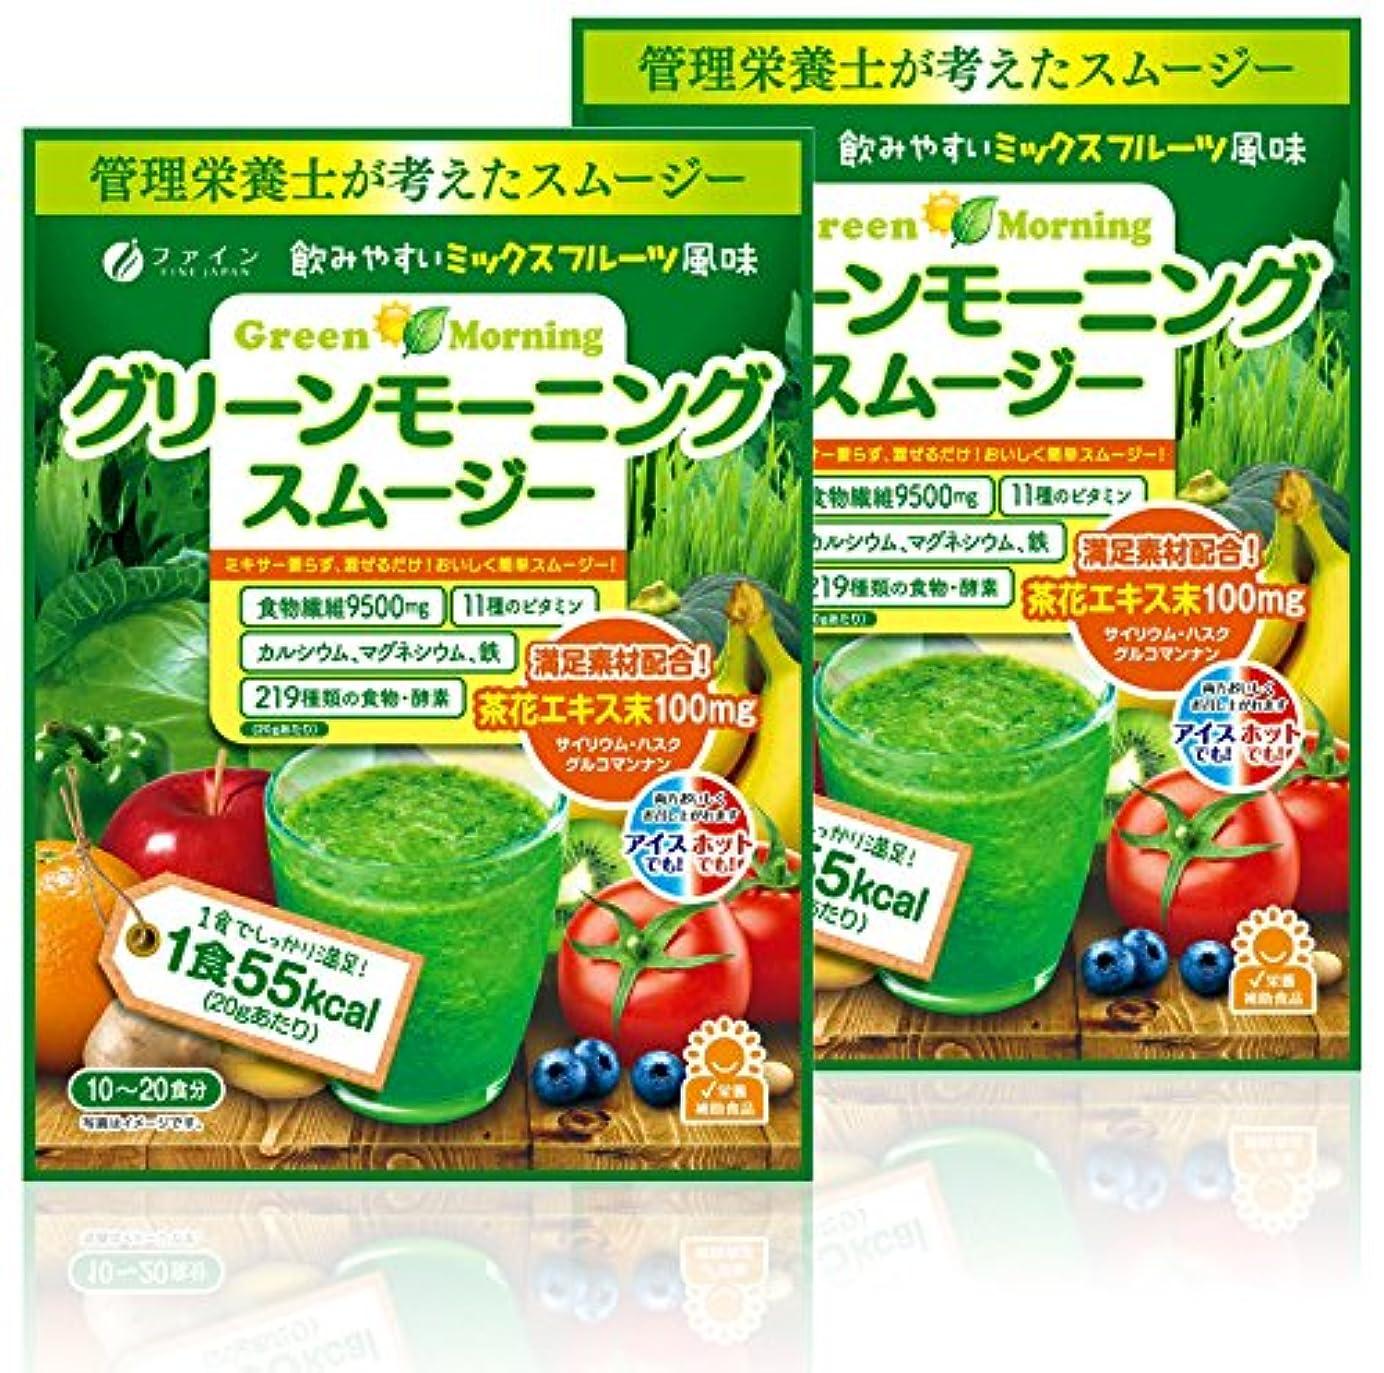 小人マーティンルーサーキングジュニア湿ったファイン グリーンモーニングスムージー 食物繊維9.5g 植物酵素配合 (200g入)×2袋セット